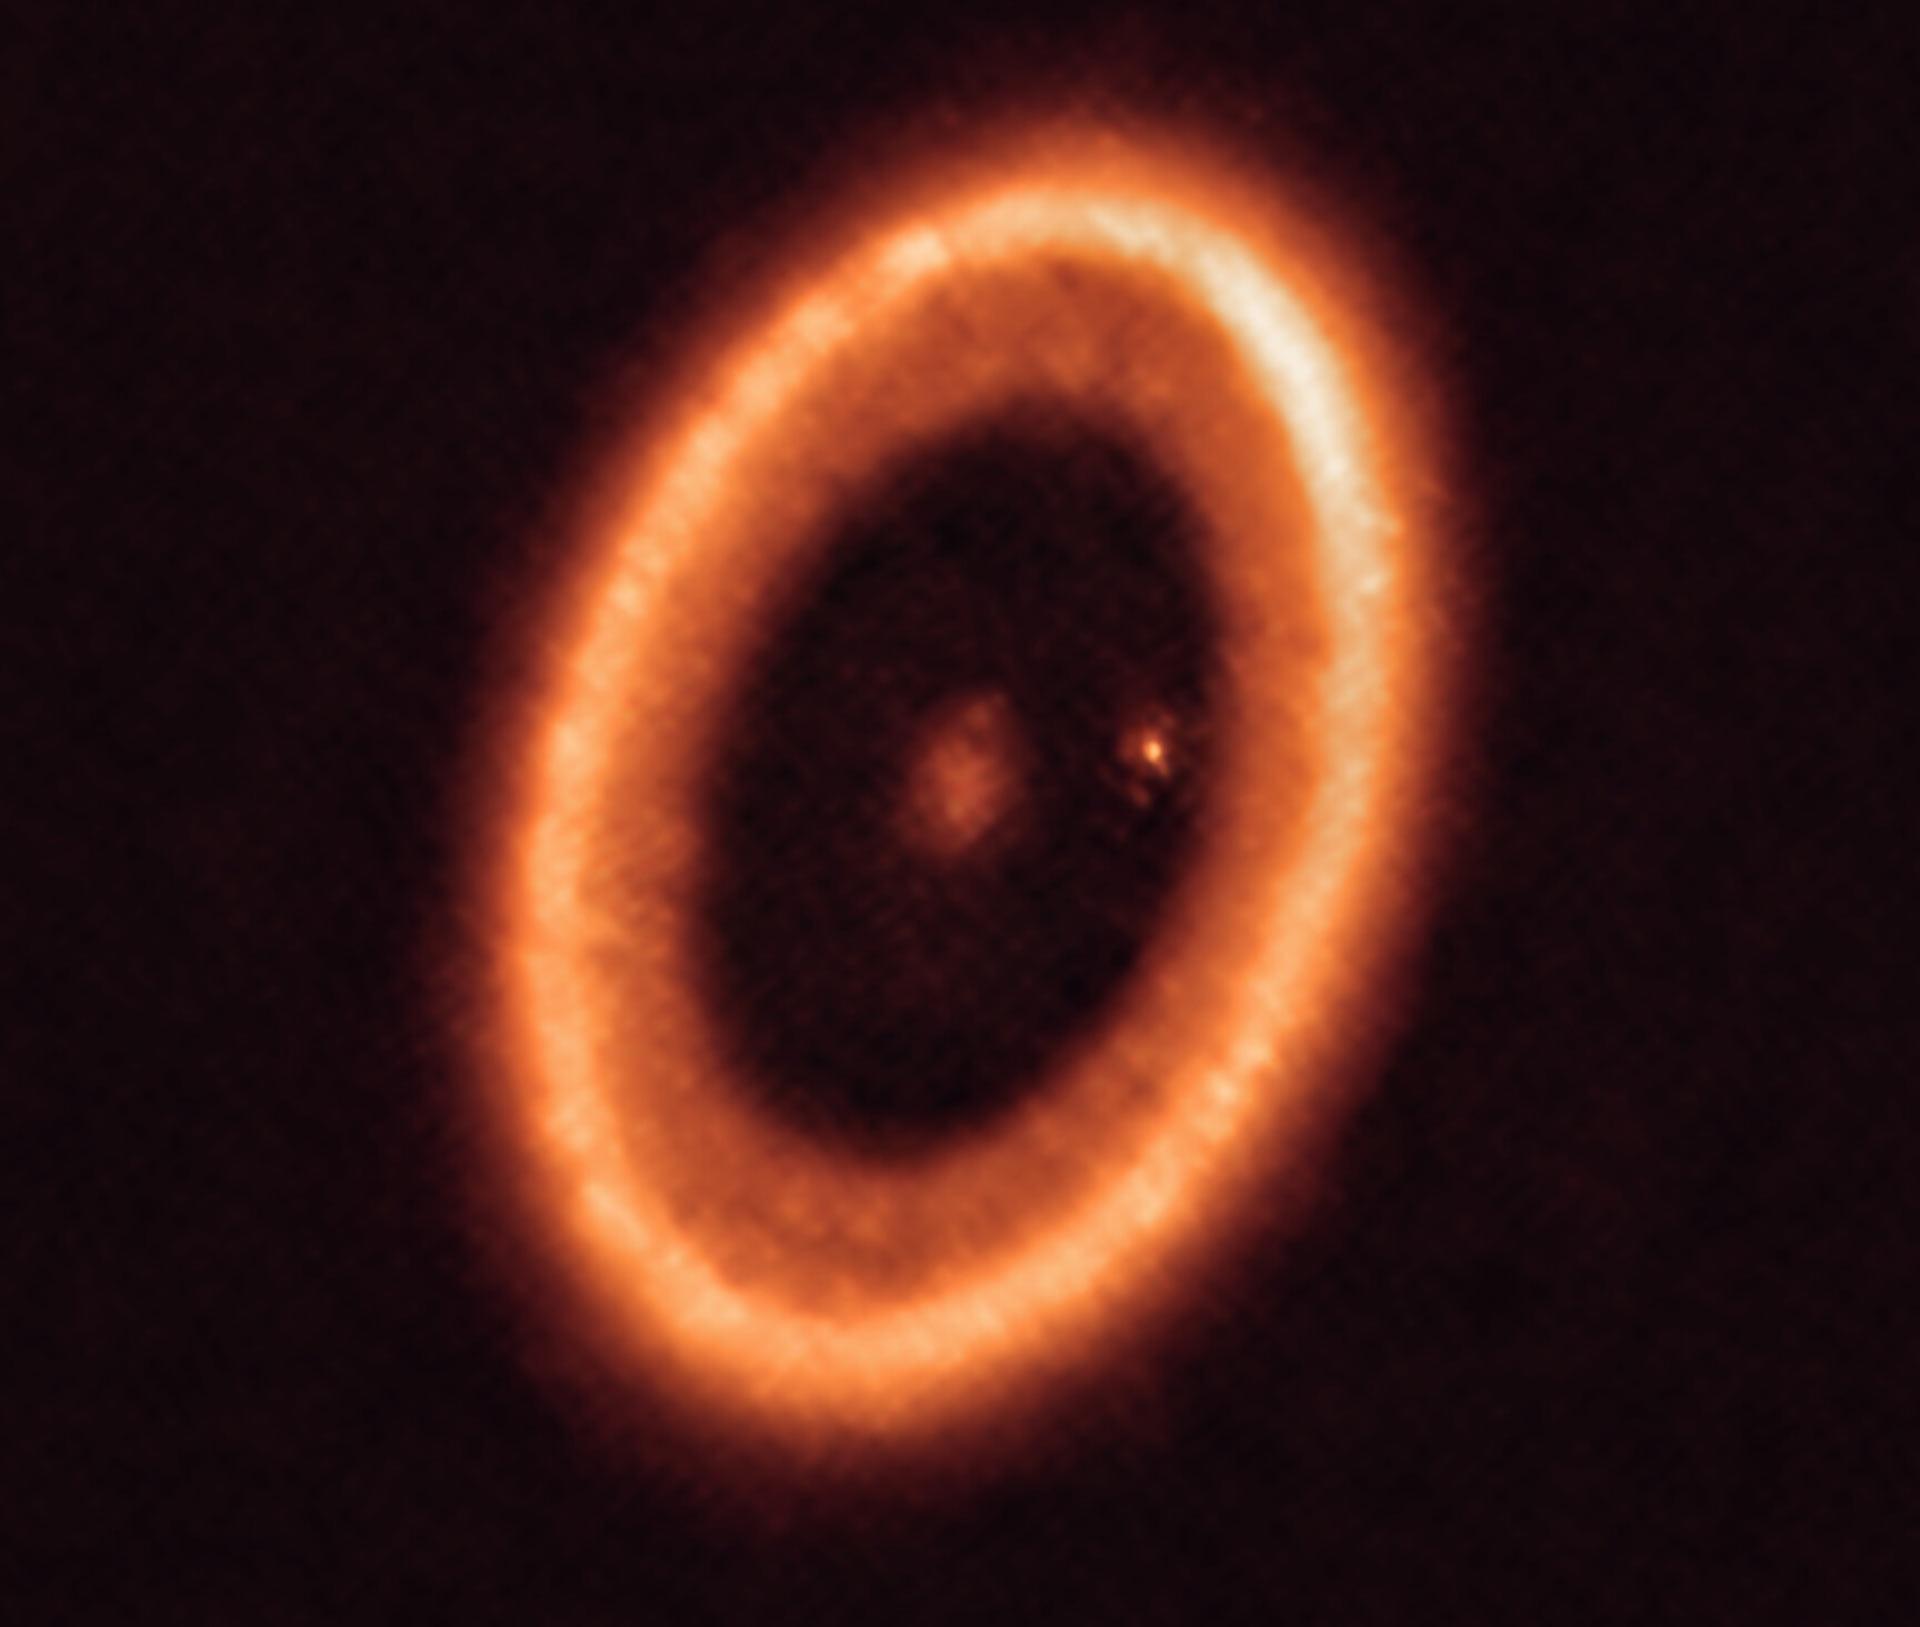 恒星PDS70(中心)和行星PDS 70c(恒星右侧的点),被一个圆盘包围。图片来源:ALMA /Benisty等